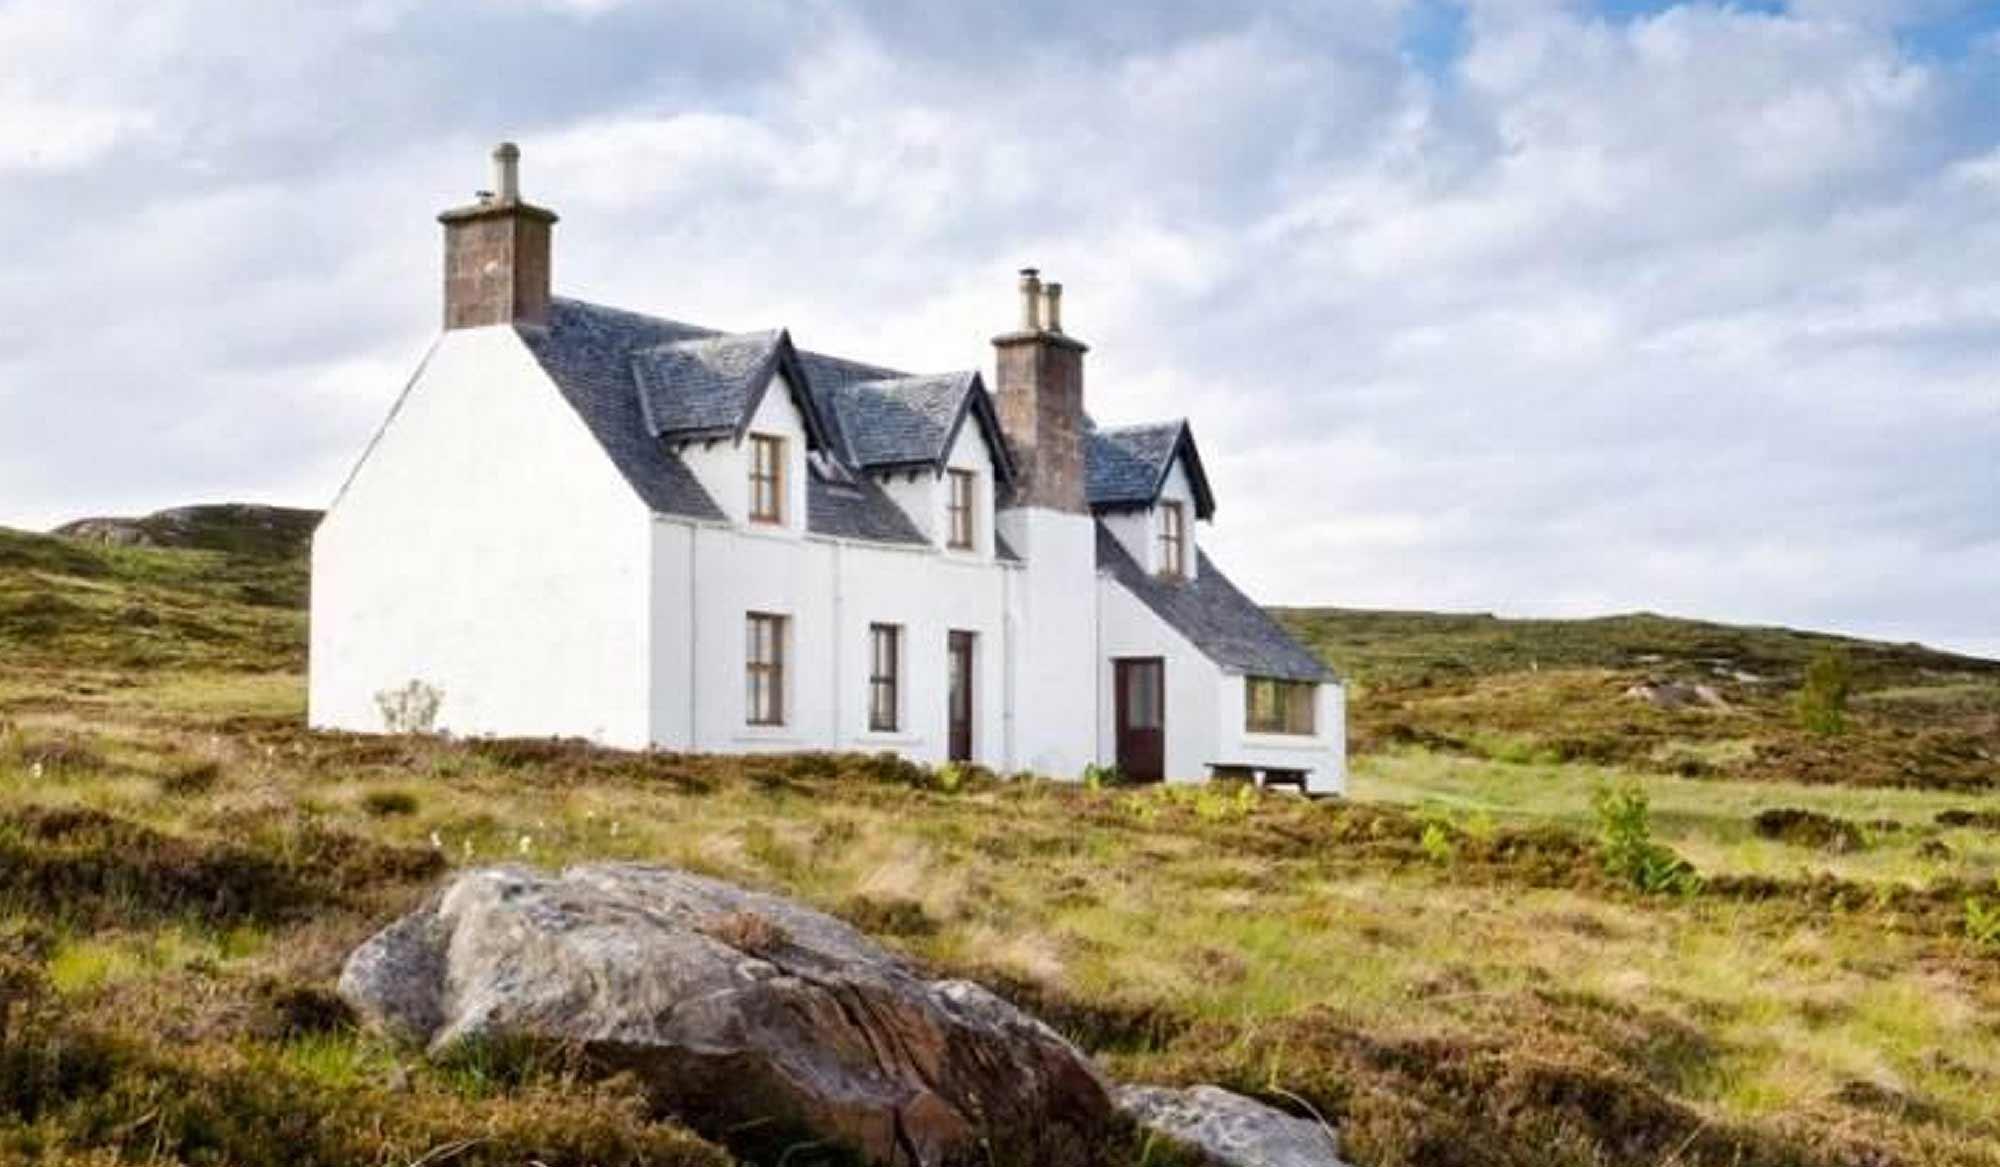 Drawn eiland tanera mor Off Scotland: Remote grid than